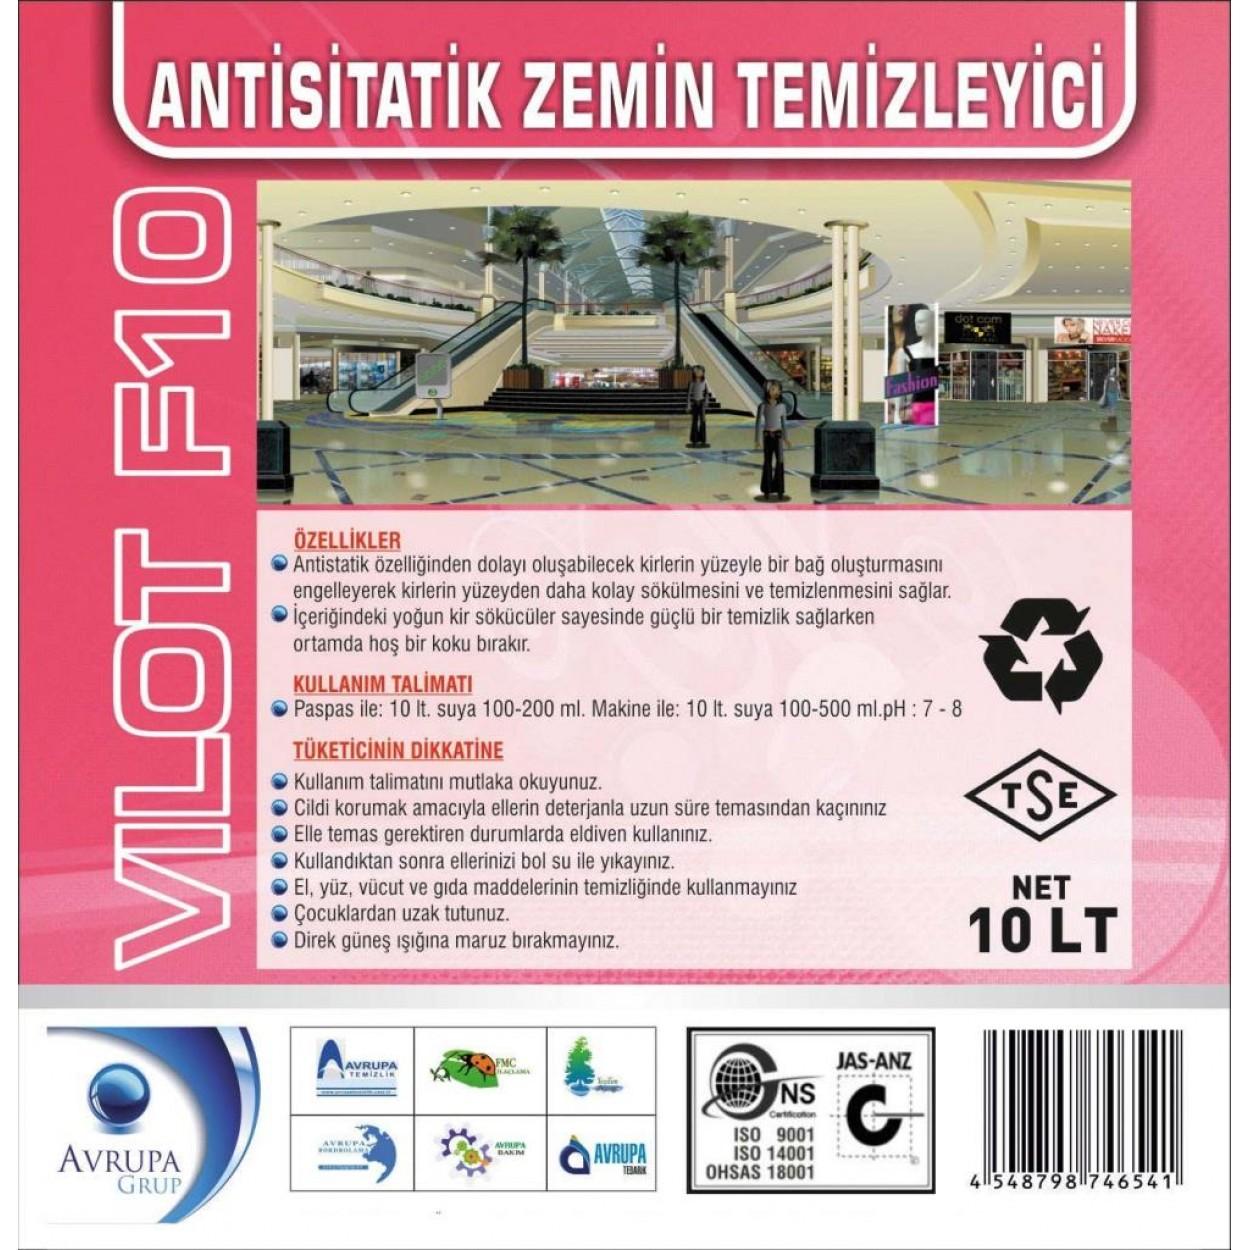 VILOT F10 Anti Statik Zemin Temizleme Ürünü 10 Litre